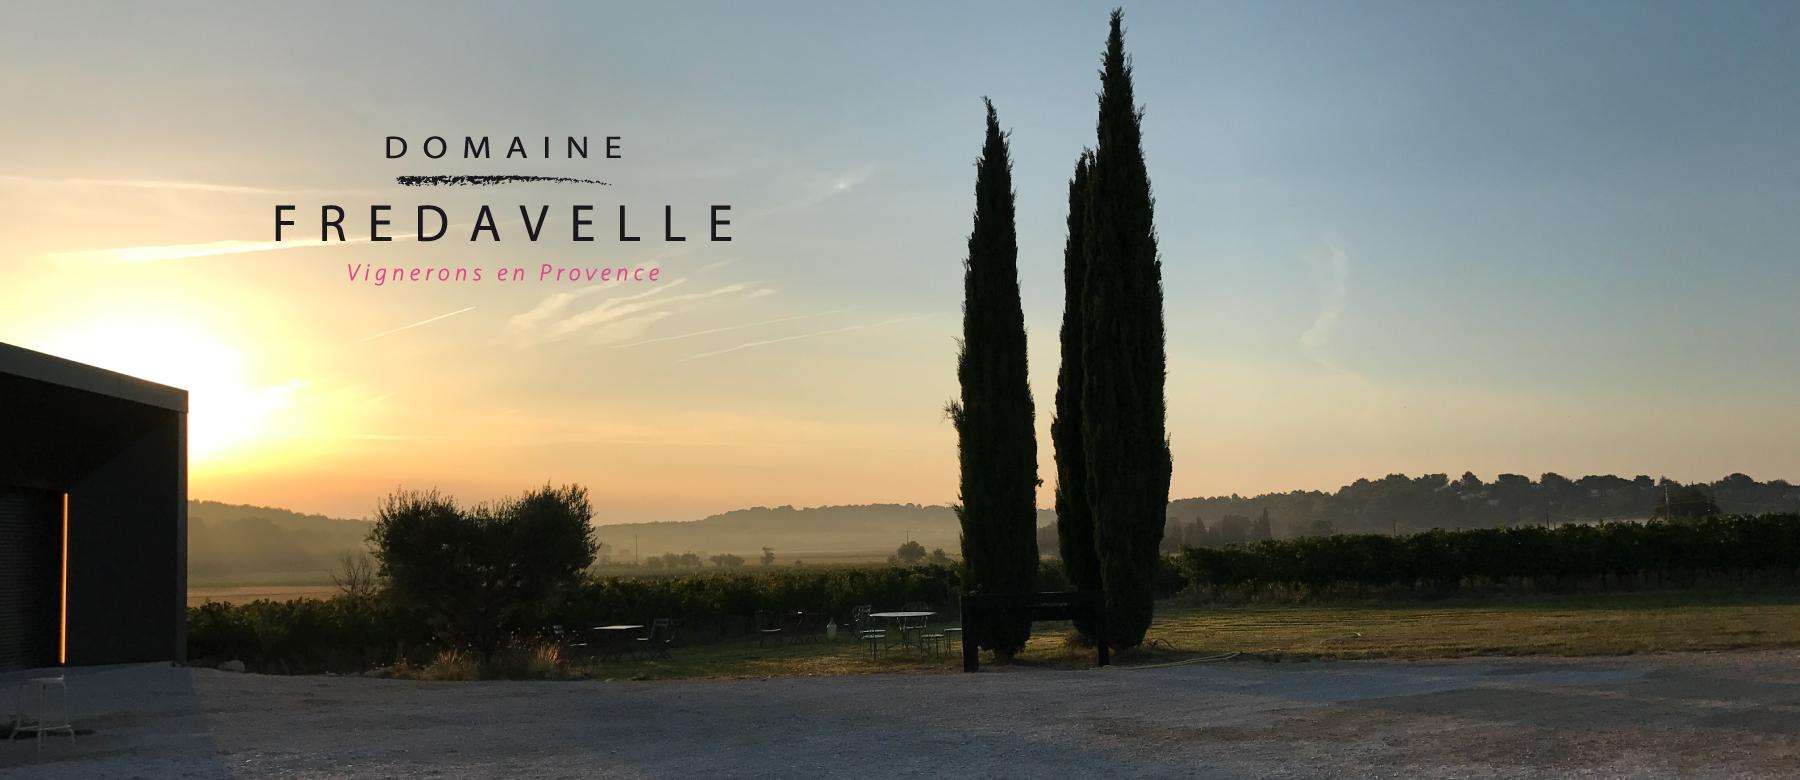 domaine fredavelle vignerons en provence beguiles proprietaire recoltant aop coteaux d'aix en provence route des vins tourisme sud france